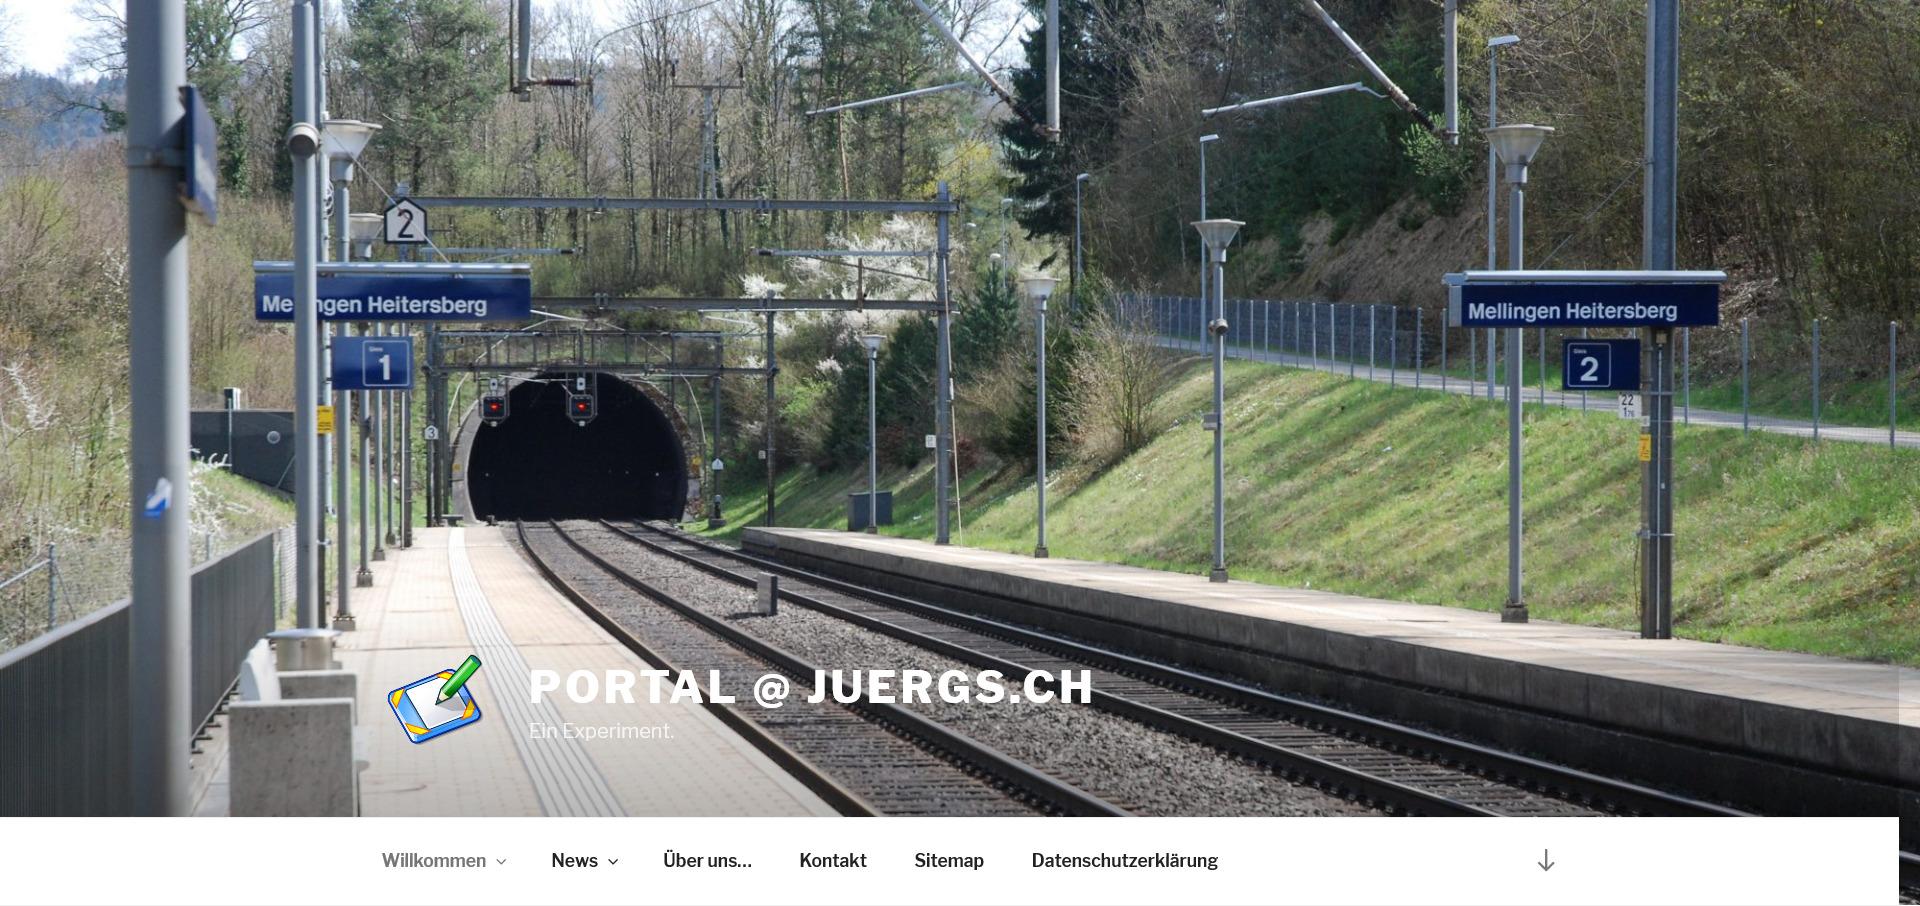 Portal @ juergs.ch